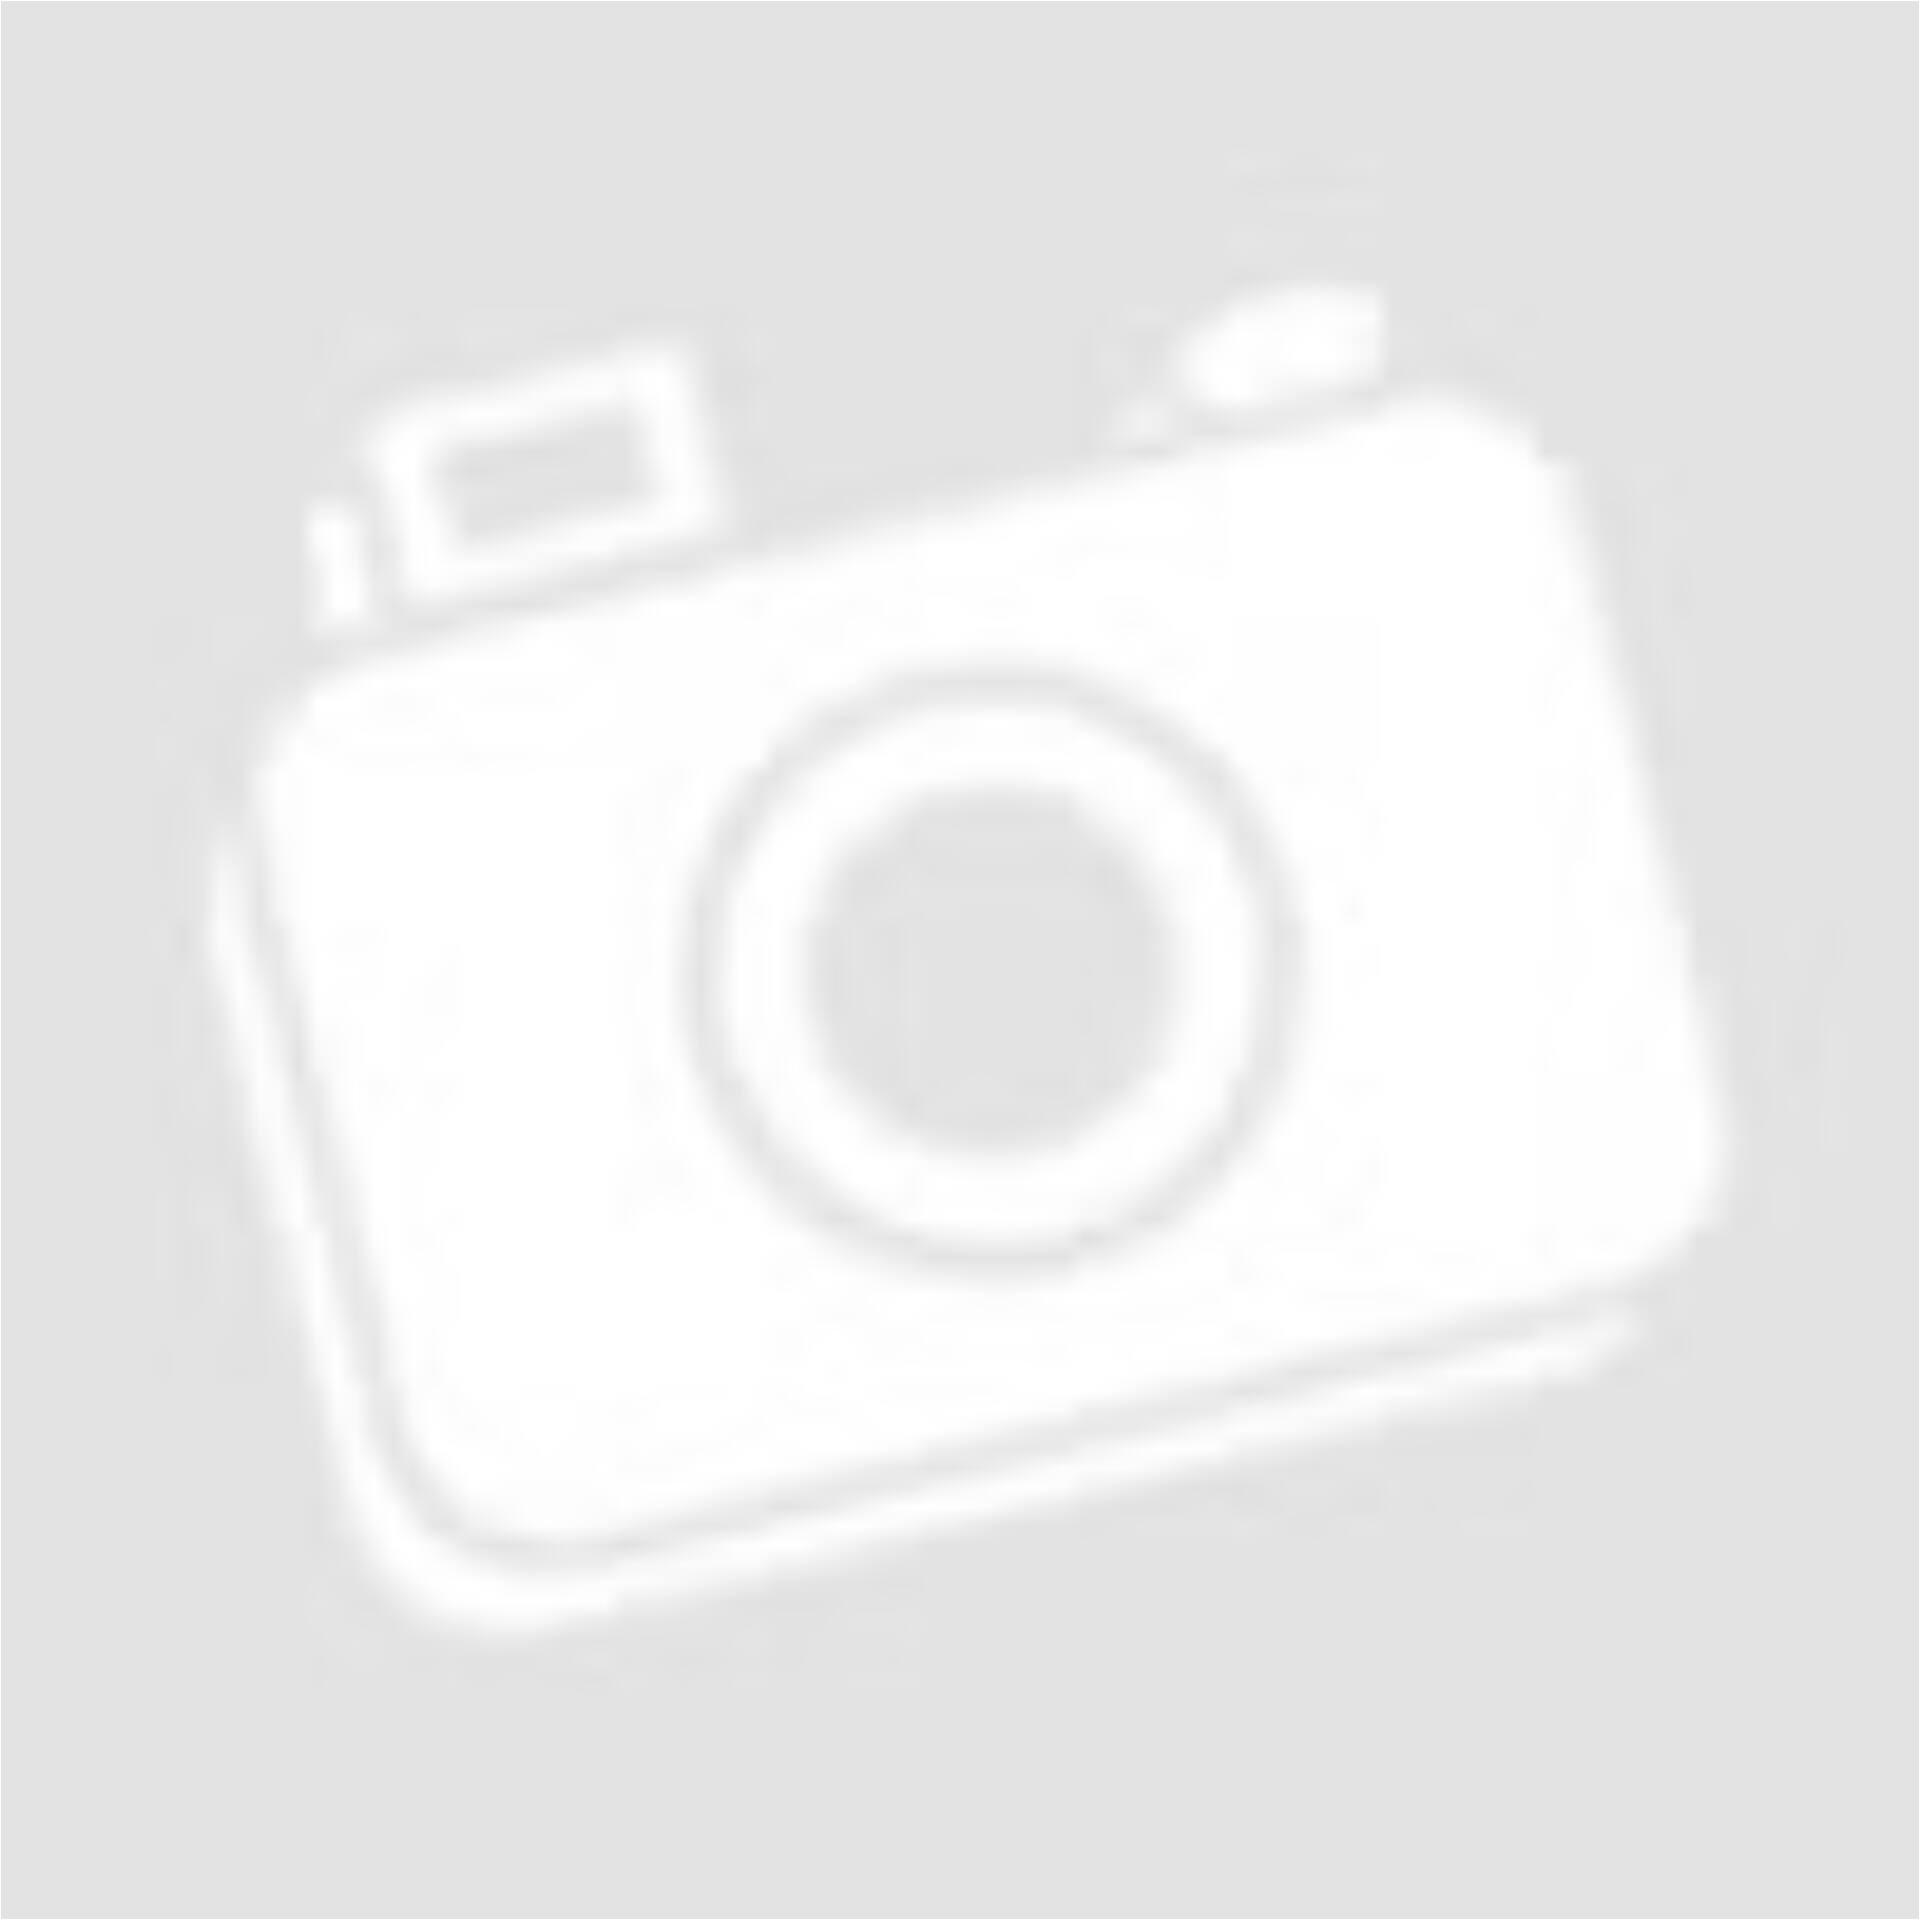 Khaki színű H M kabát (Méret  9 hó (74)) - Fiú dzseki 4efbc7383a